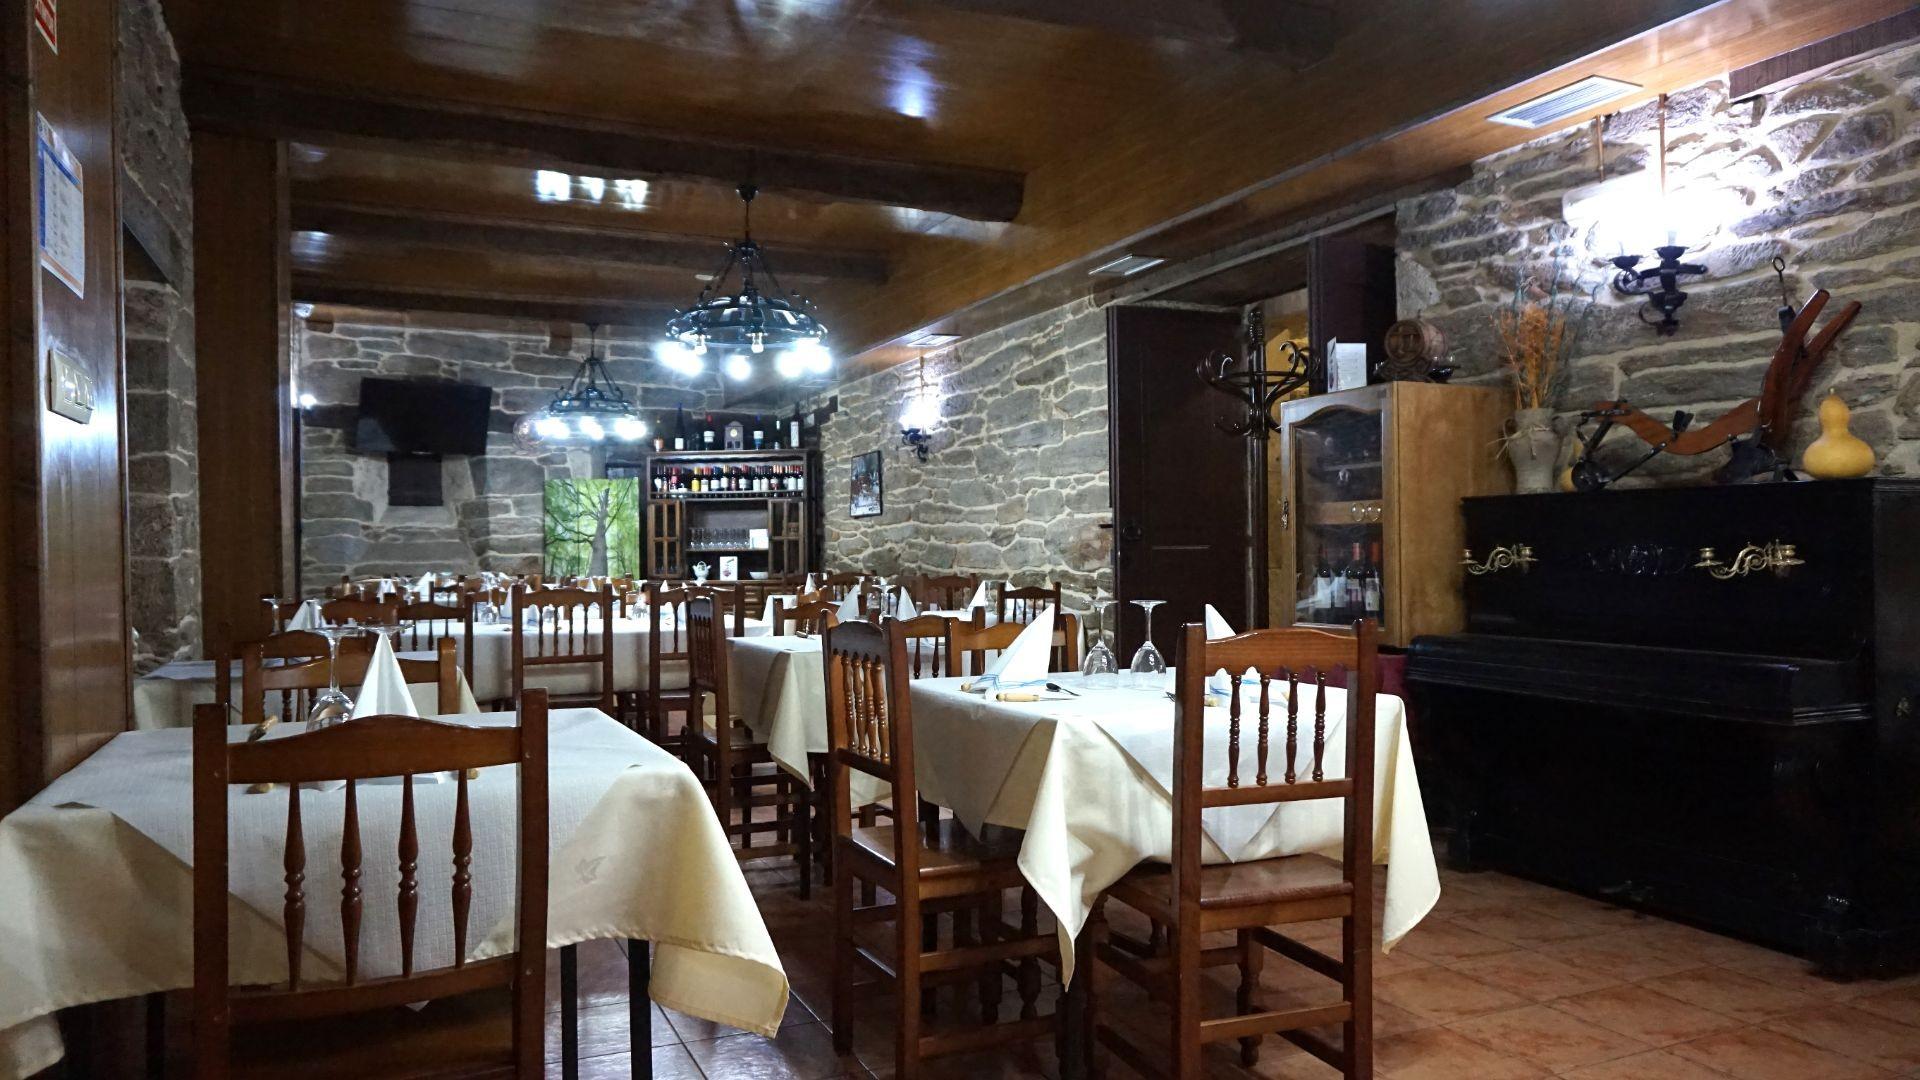 Restaurantes Viana de bolo